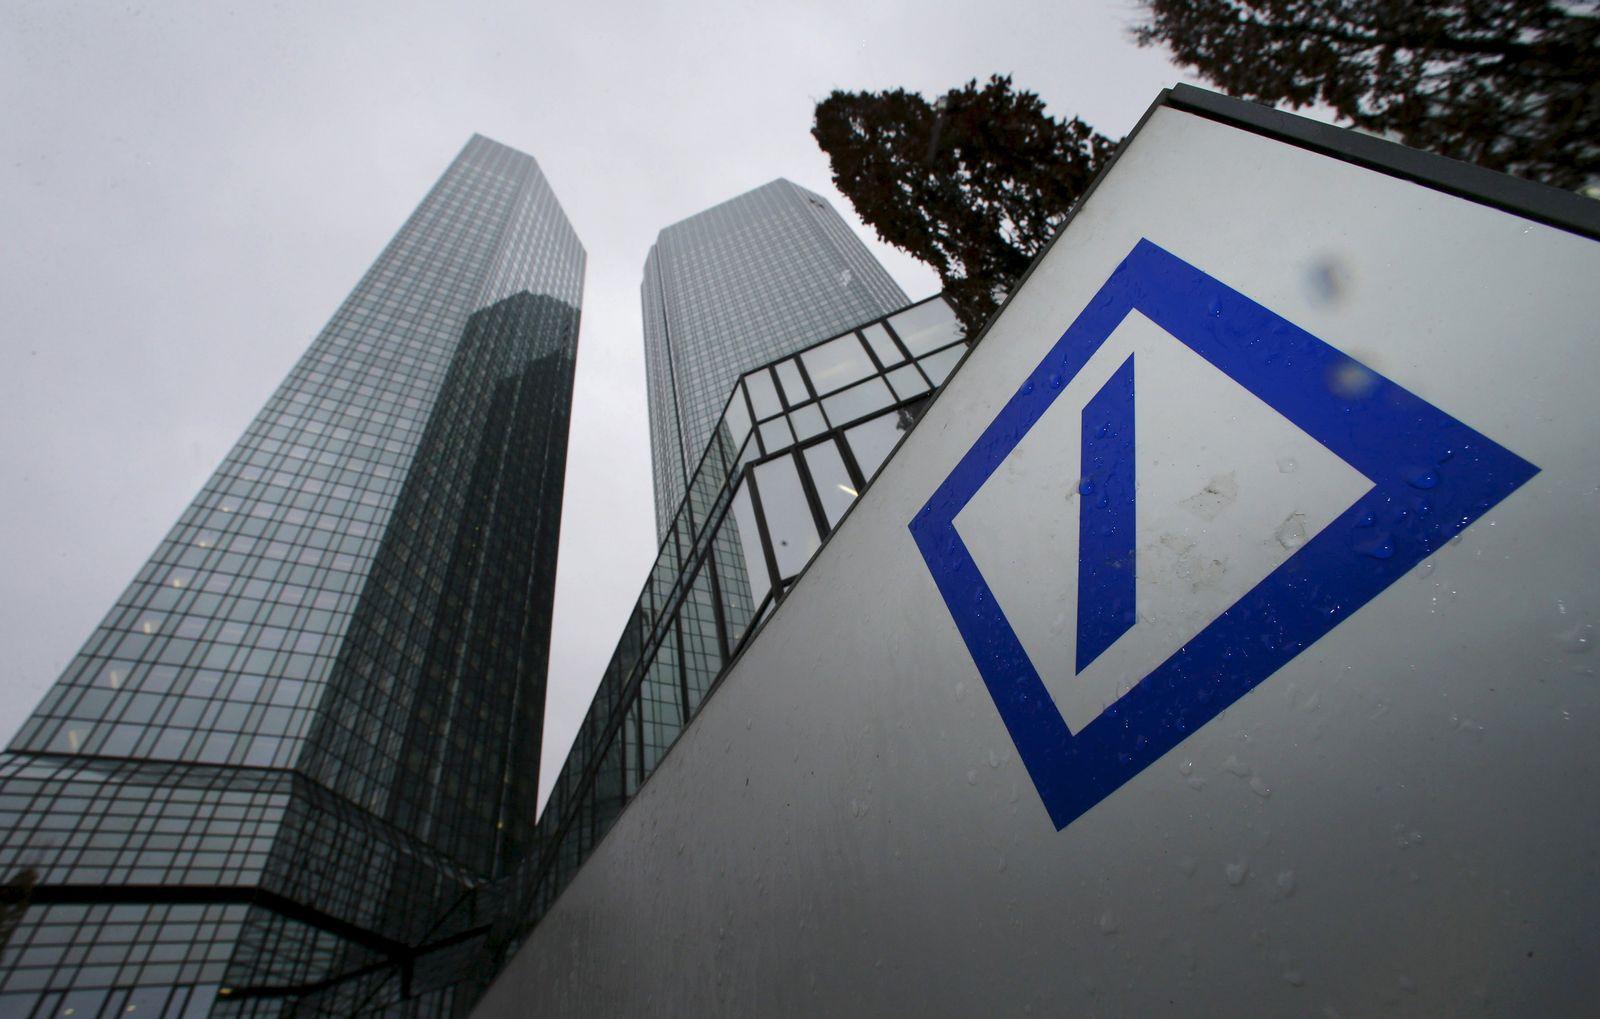 SWISSBANKS-PENALTY/DEUTSCHE-BANK